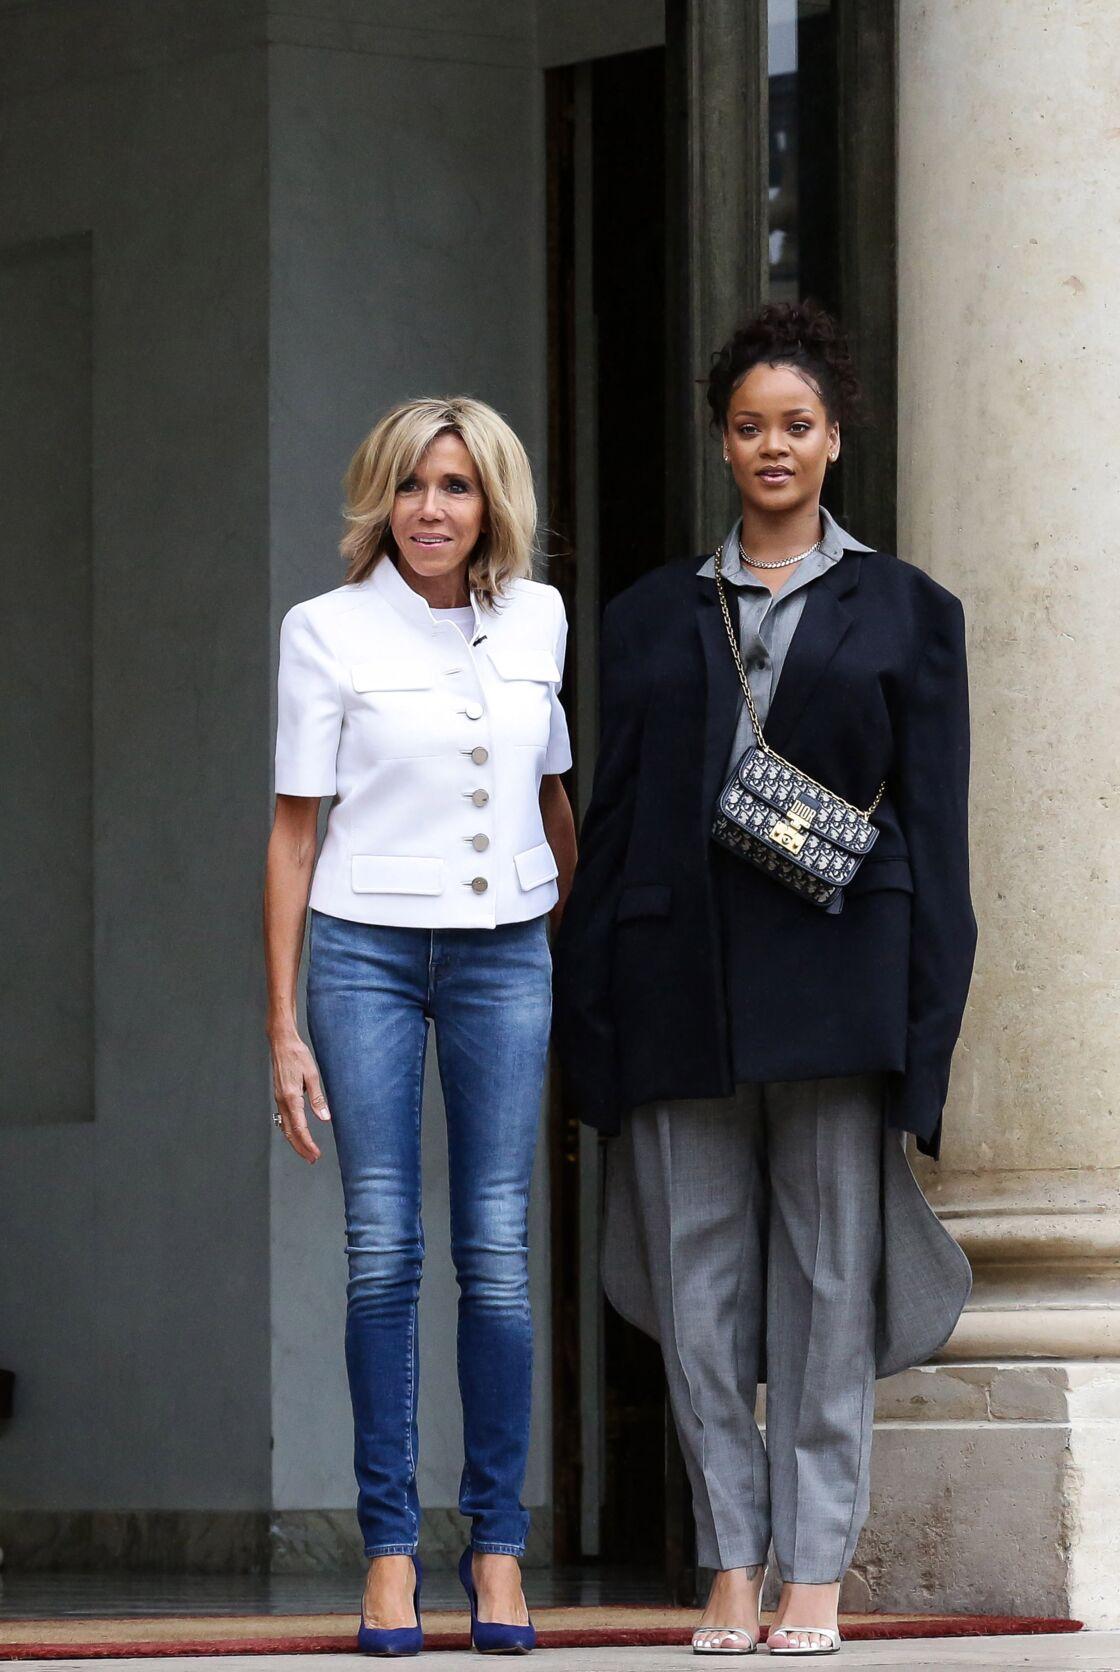 Brigitte Macron et la chanteuse Rihanna sur le perron du palais de l'Elysée le 26 juillet 2017 dans un slim.